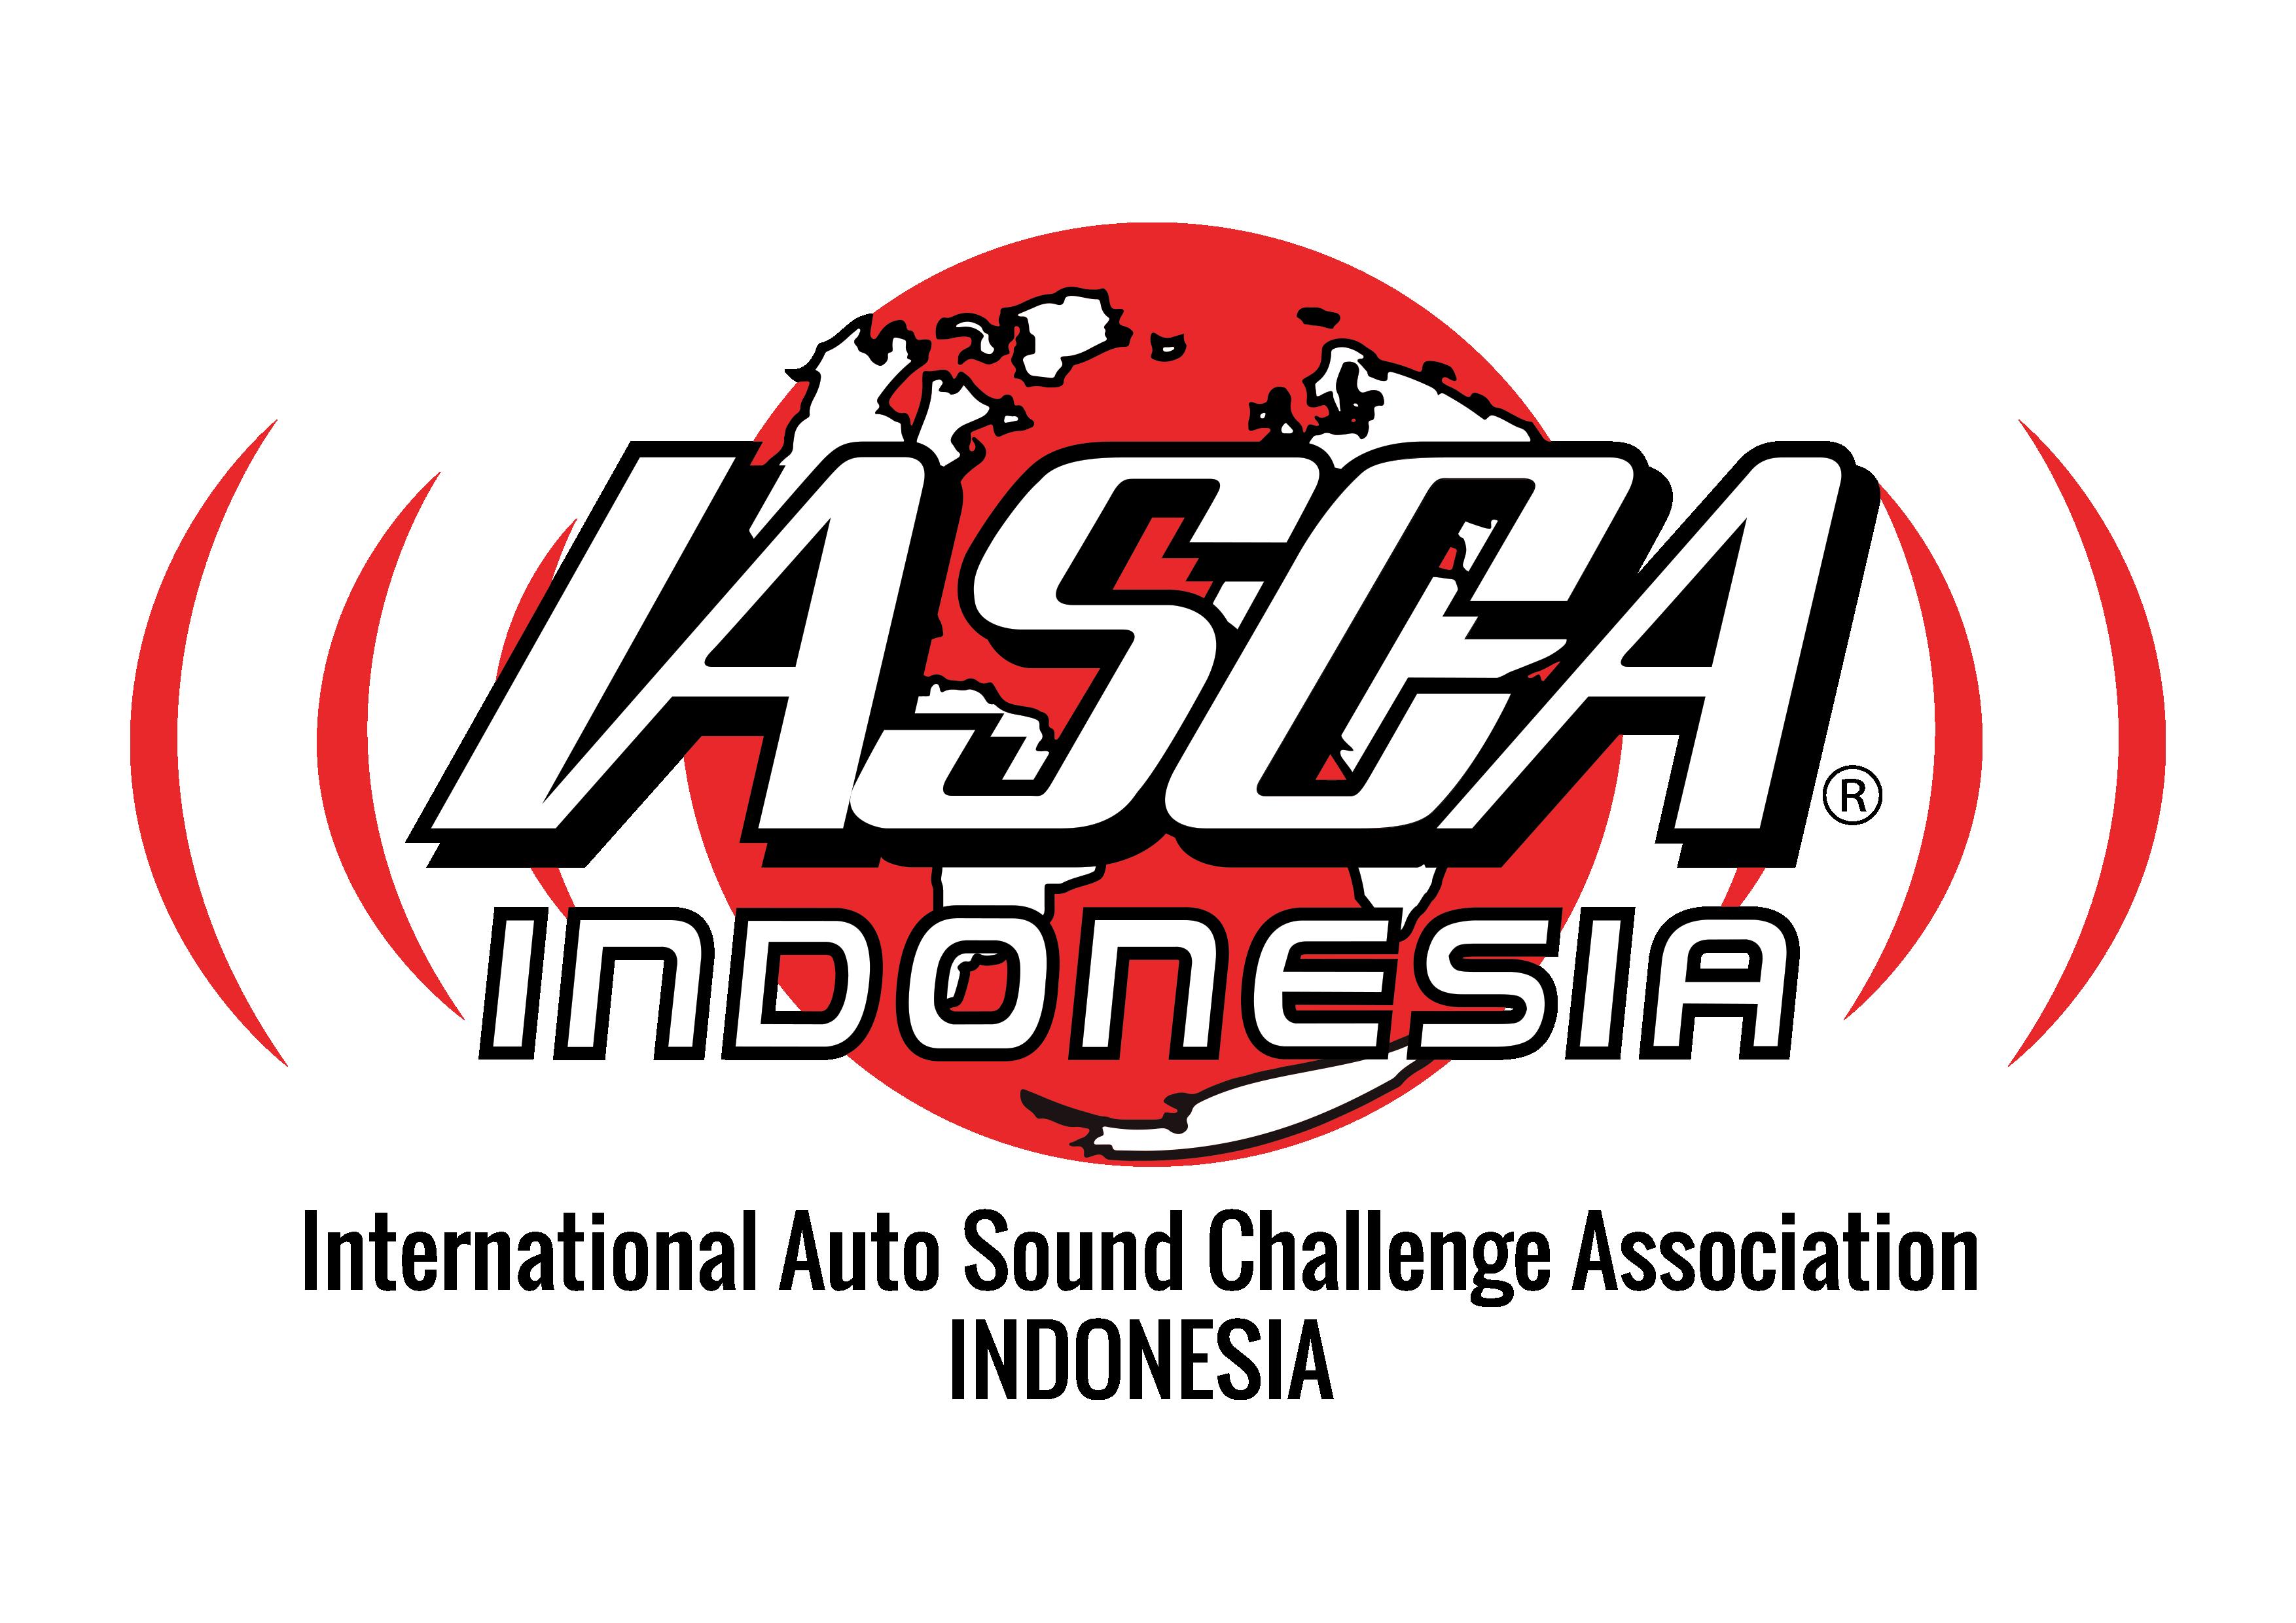 IASCA Indonesia